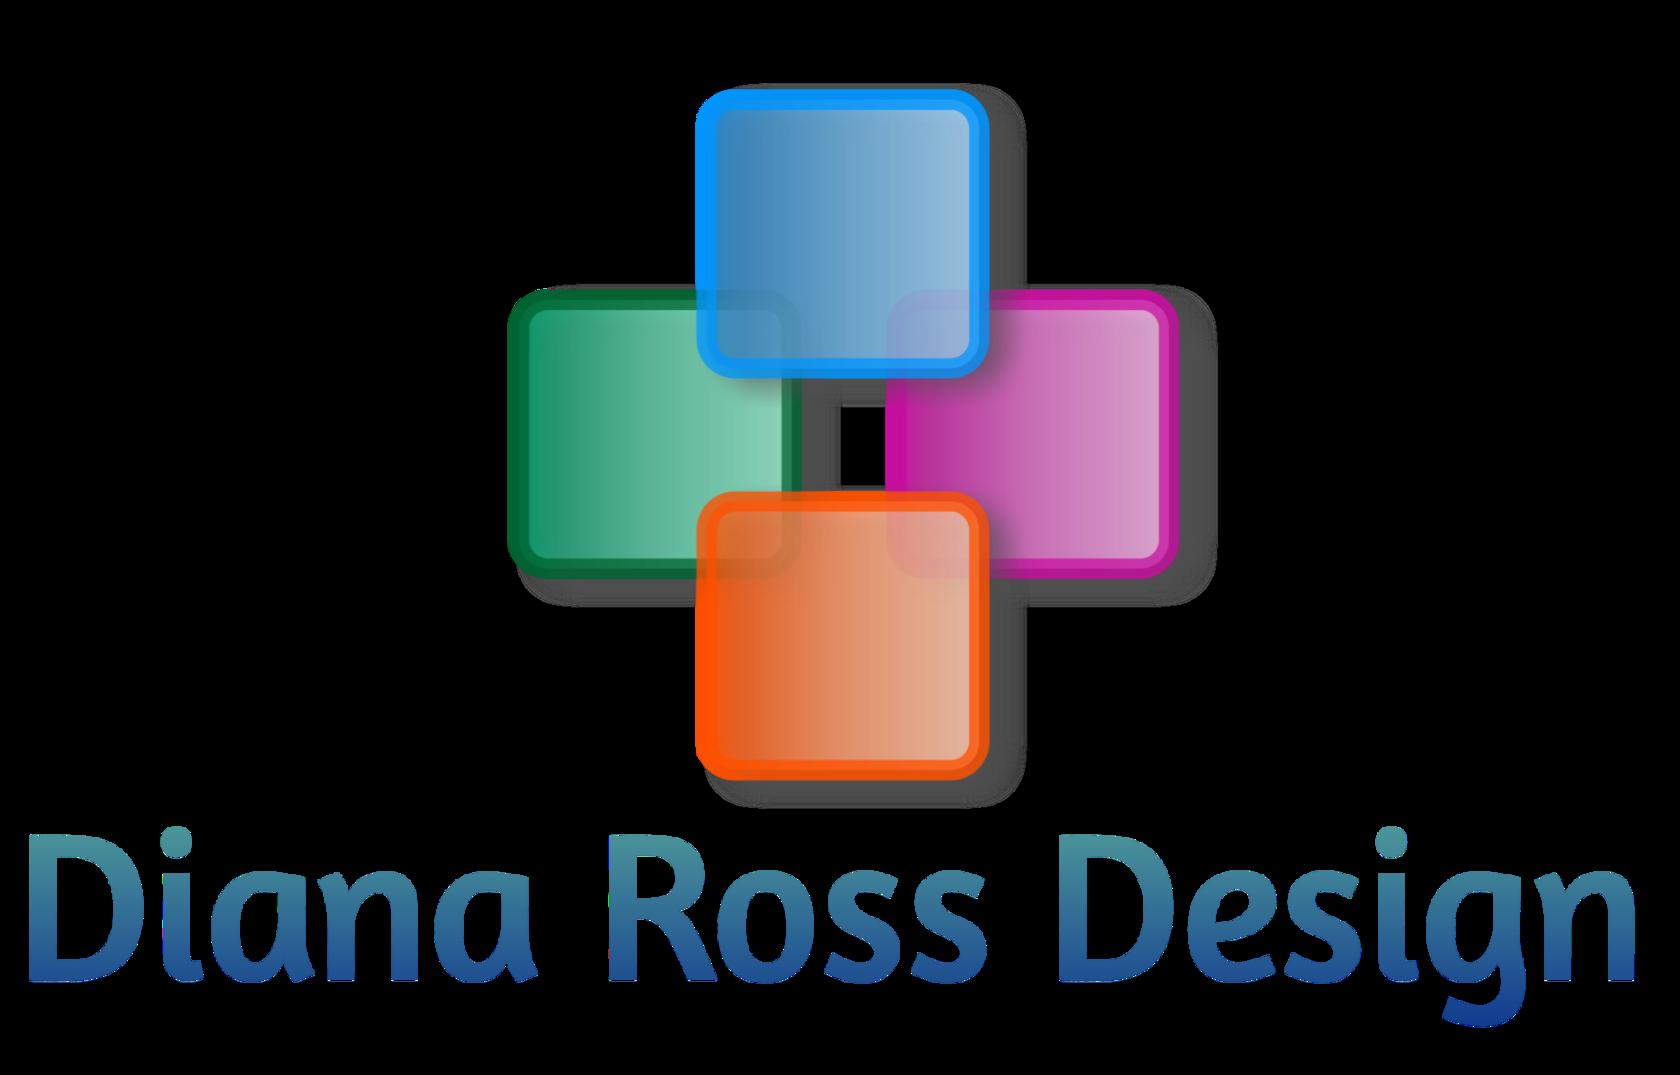 Diana Ross Design